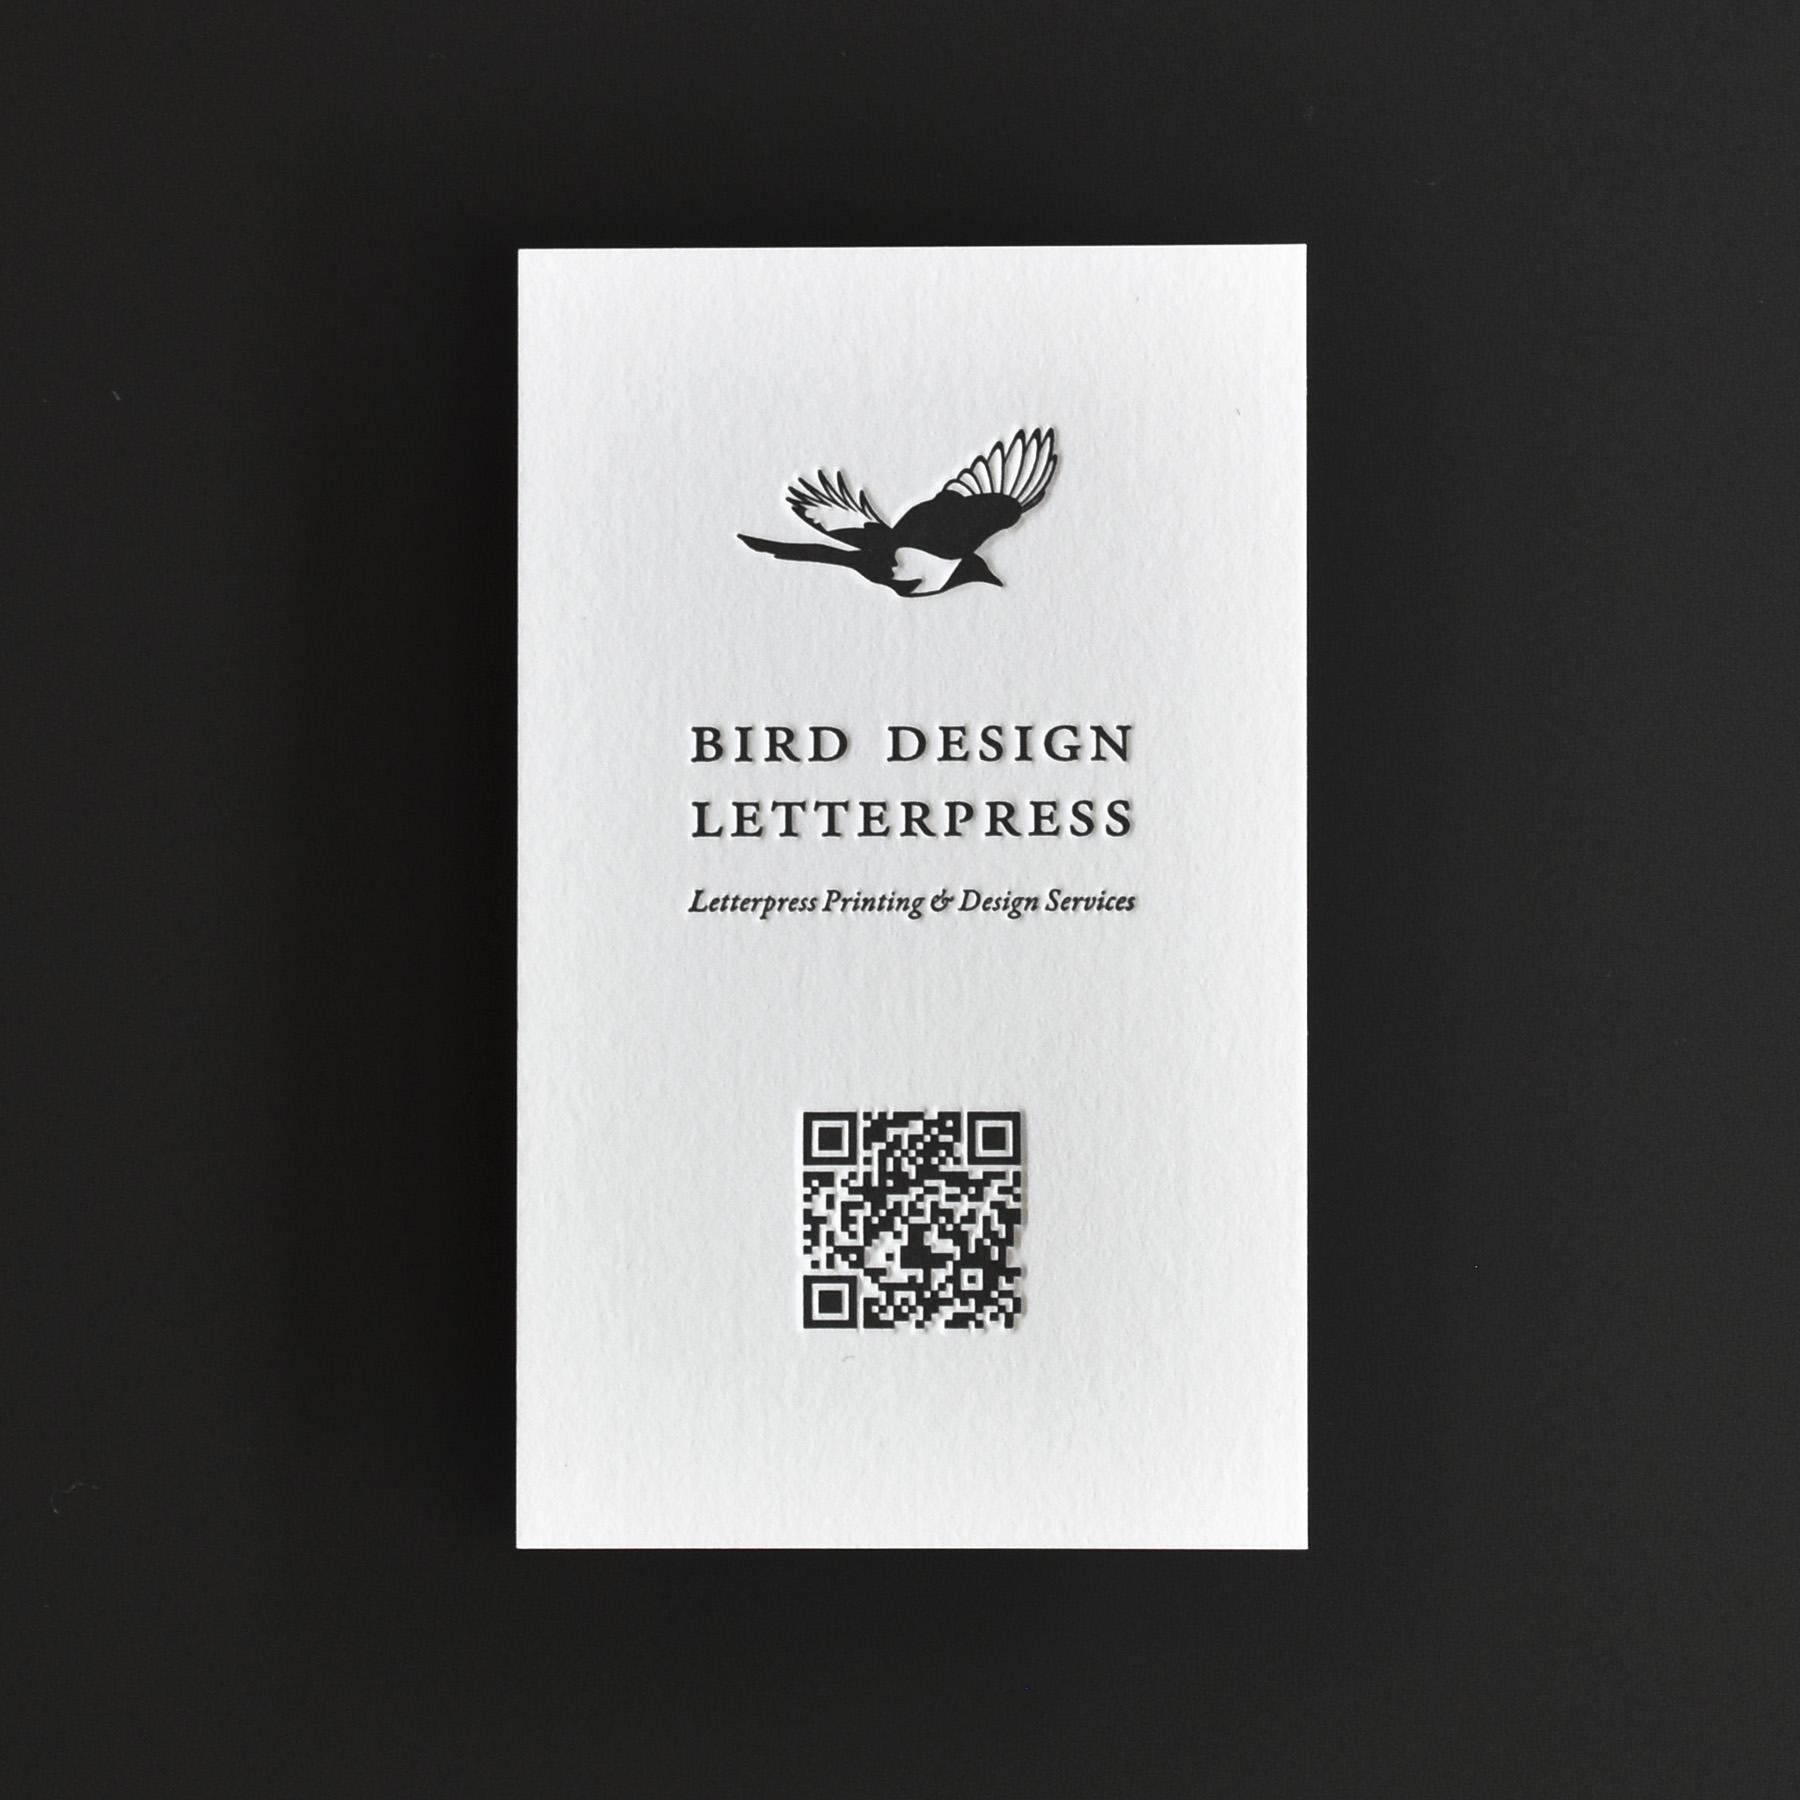 活版印刷 Bird Design Letterpress ショップカード/QRコード